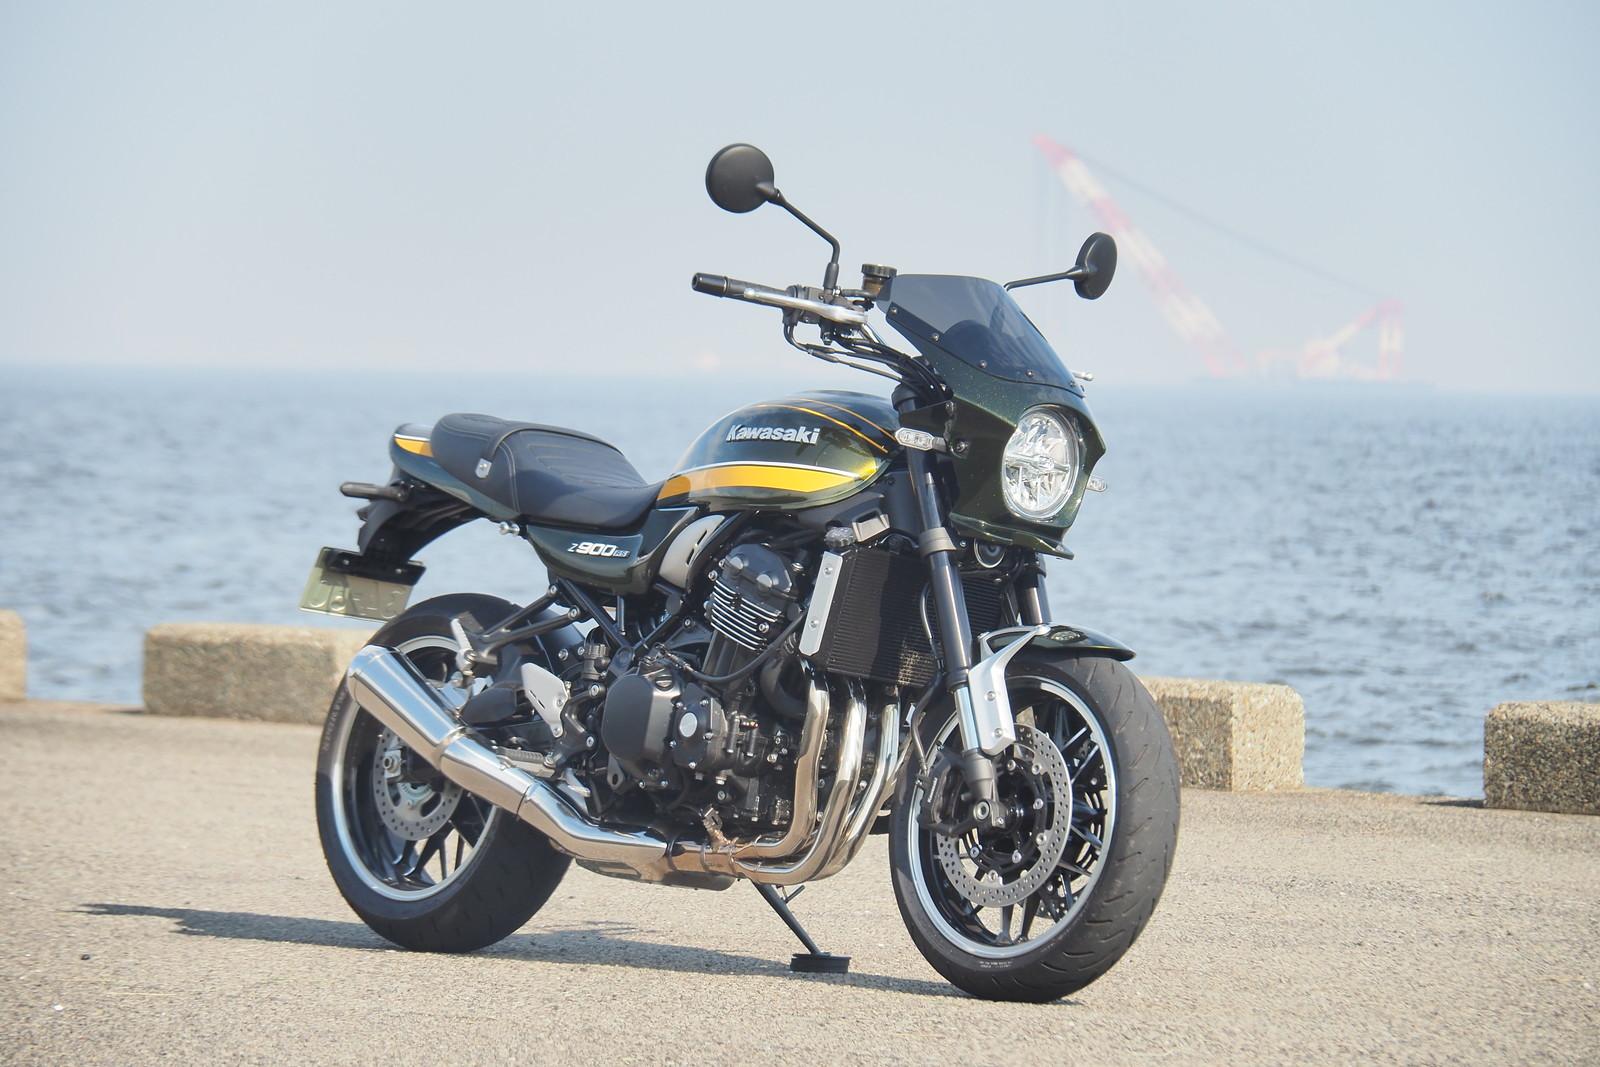 楽天市場 Z900rs用ビキニカウル キャンディートーングリーン タイプrスクリーン仕様 バイクパーツのワールドウォーク